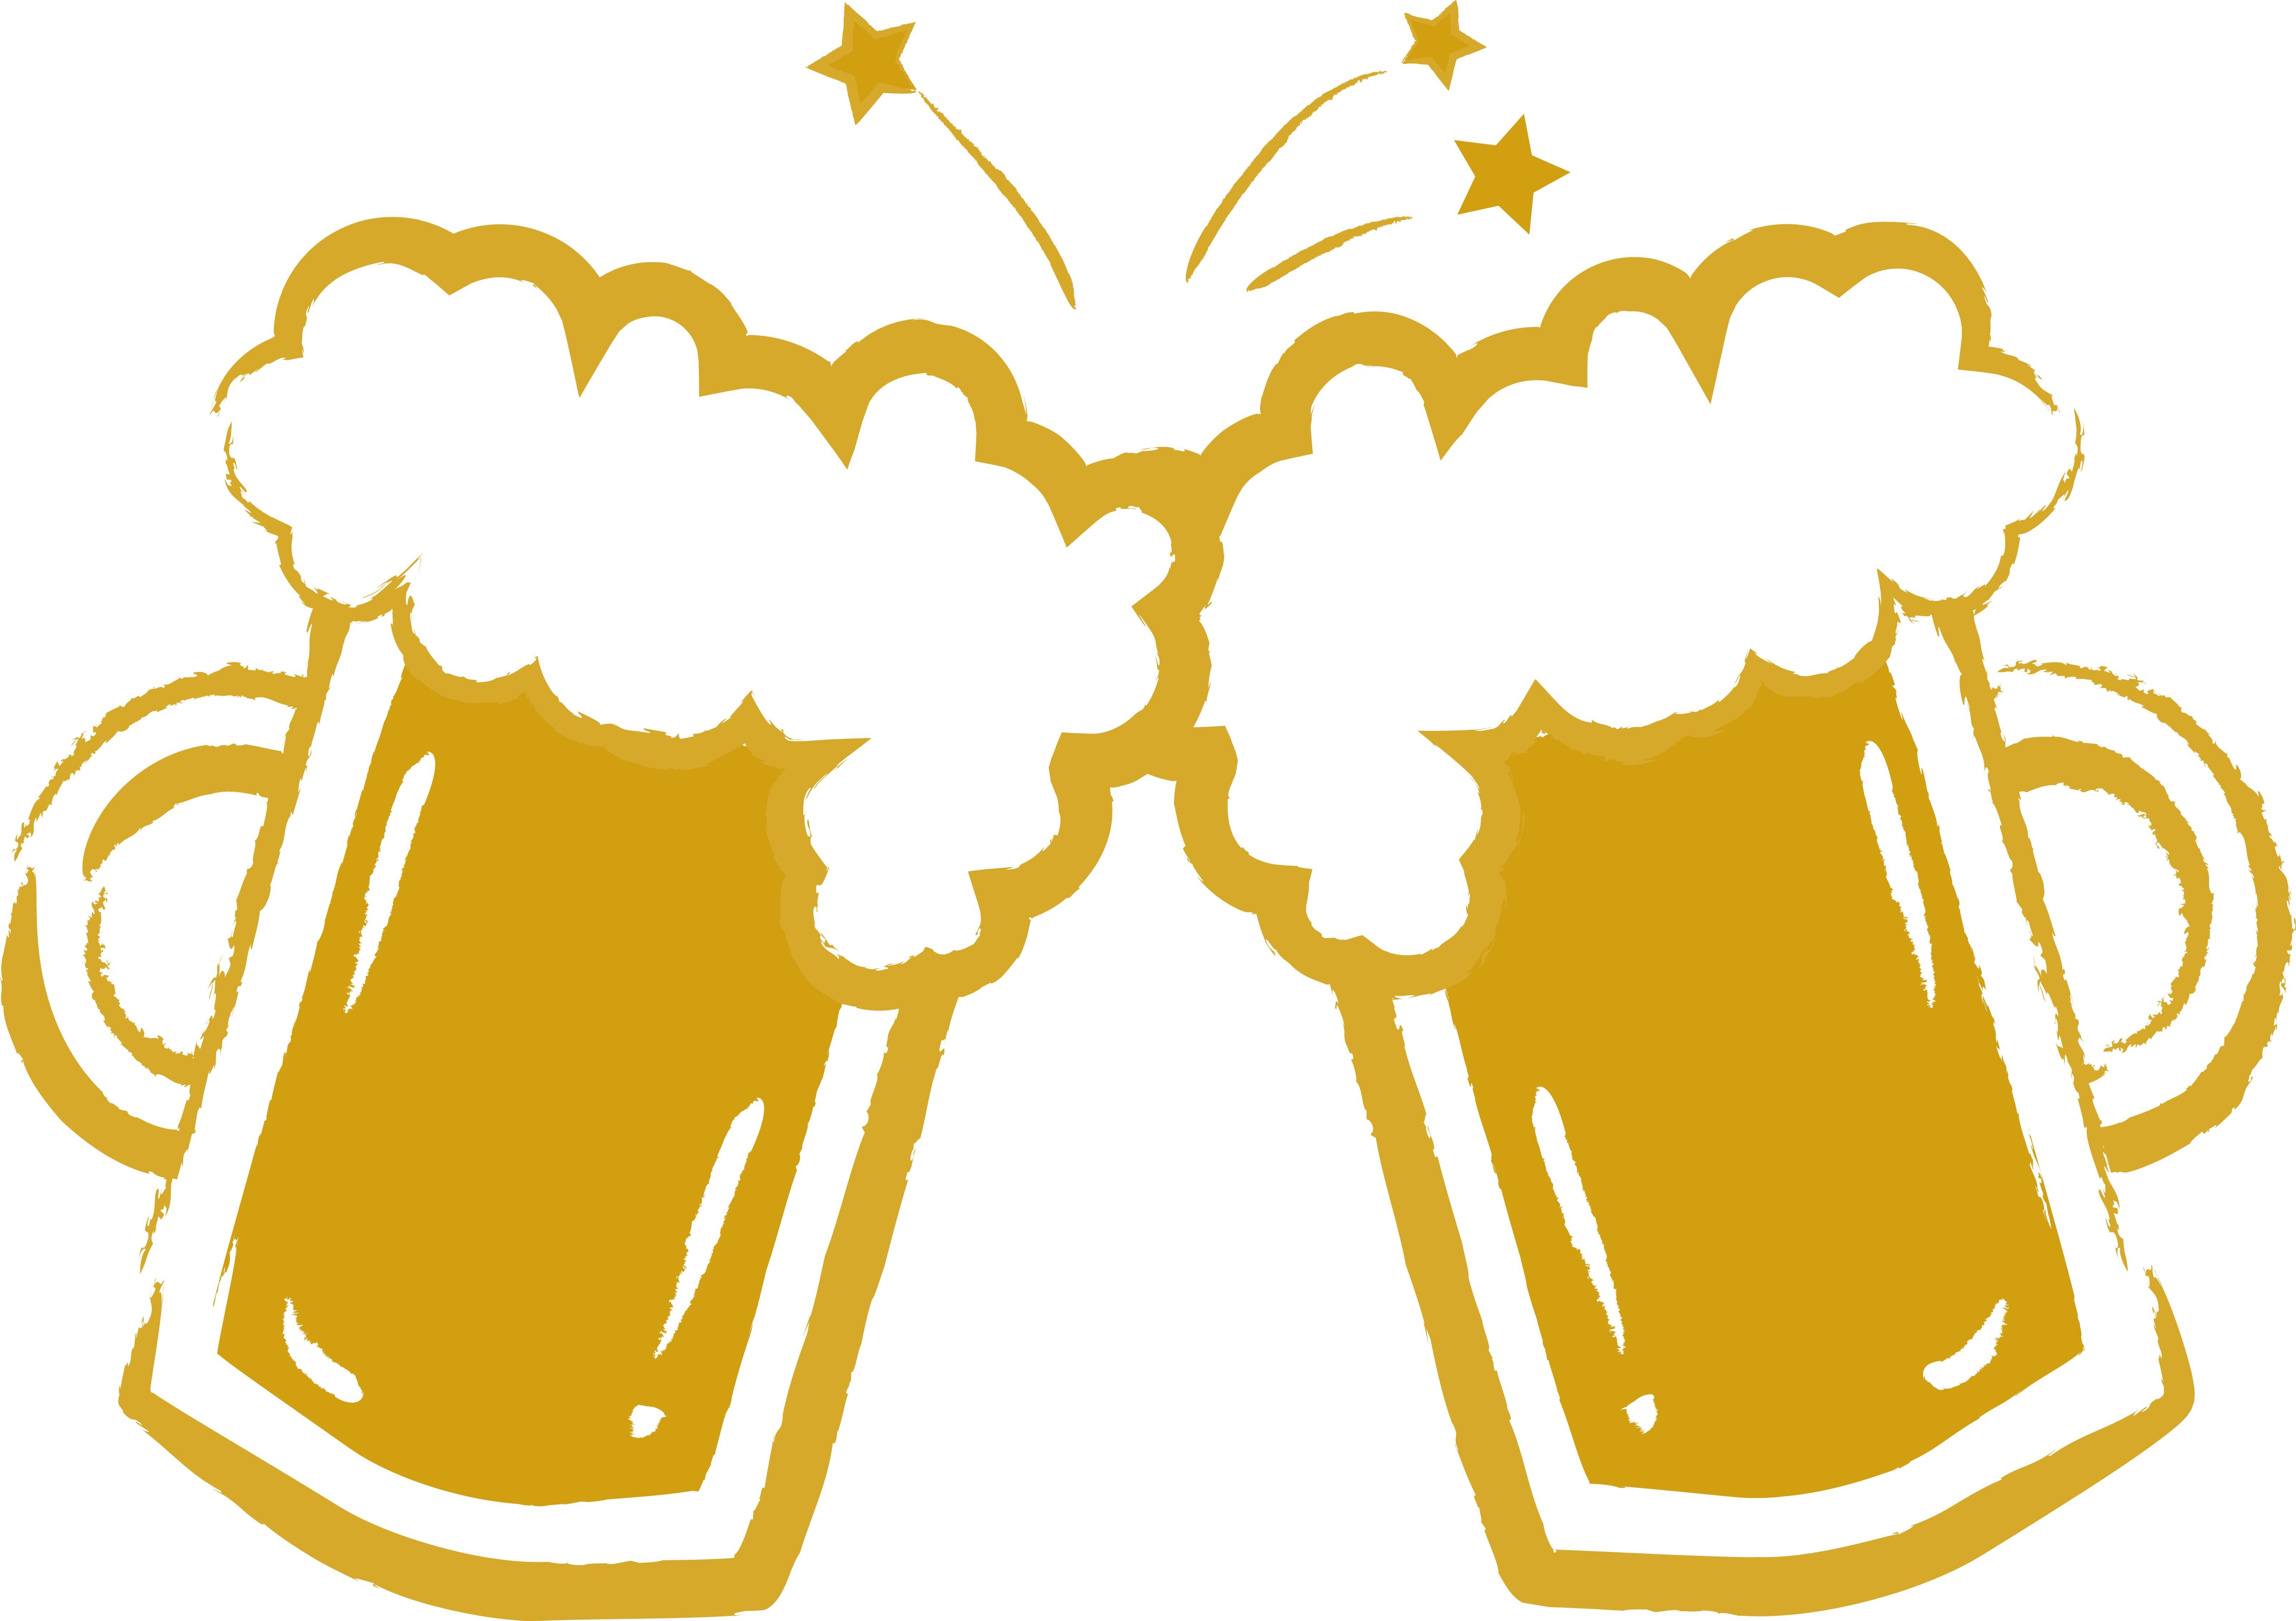 私の痛風の原因は酒。週4でビール8杯、焼酎3杯、日本酒3杯